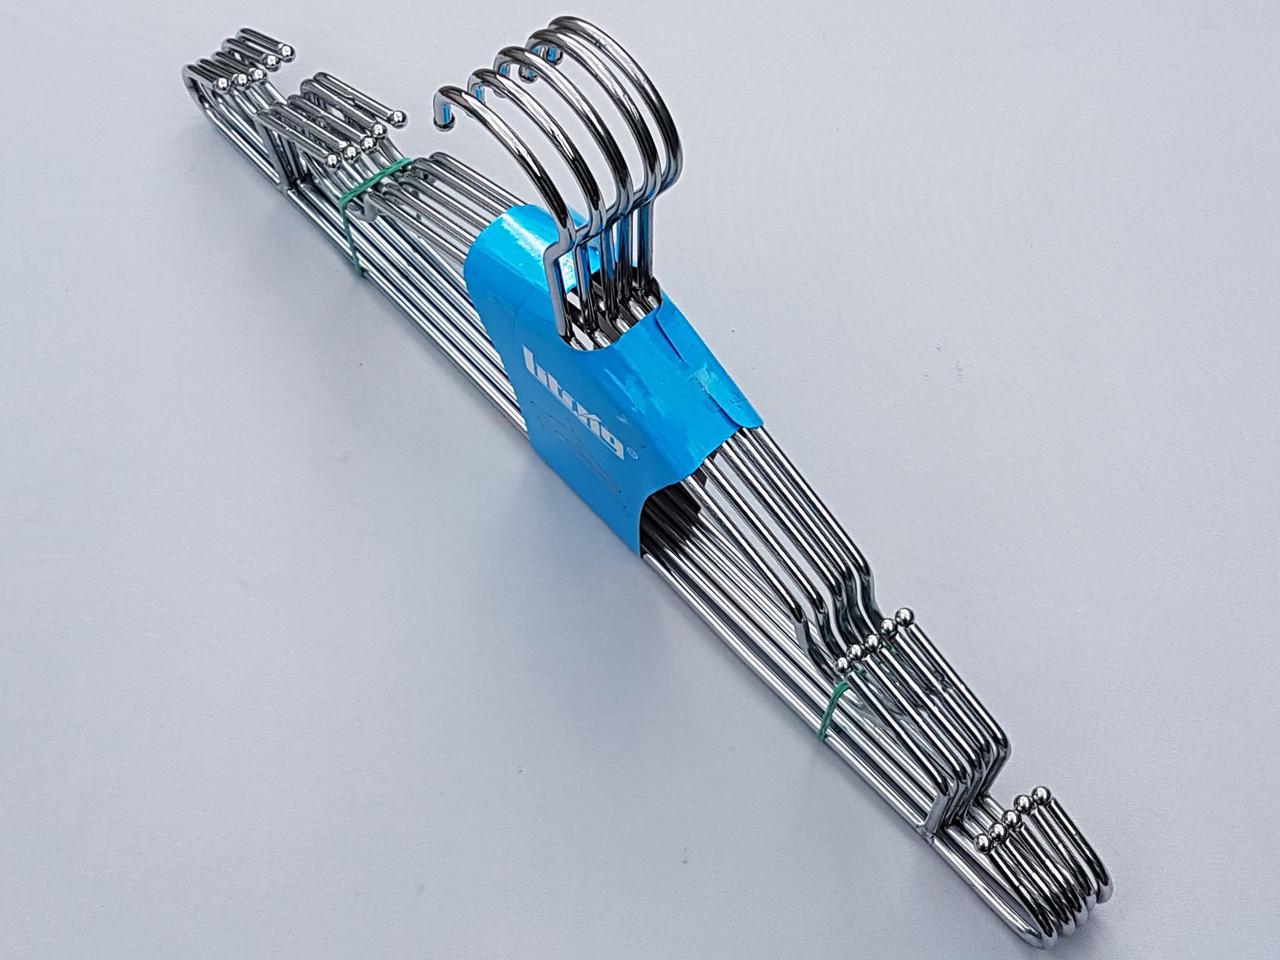 Плечики вешалки тремпеля металлические хромированные усиленные с зацепами, длина 42 см, в упаковке 5 штук